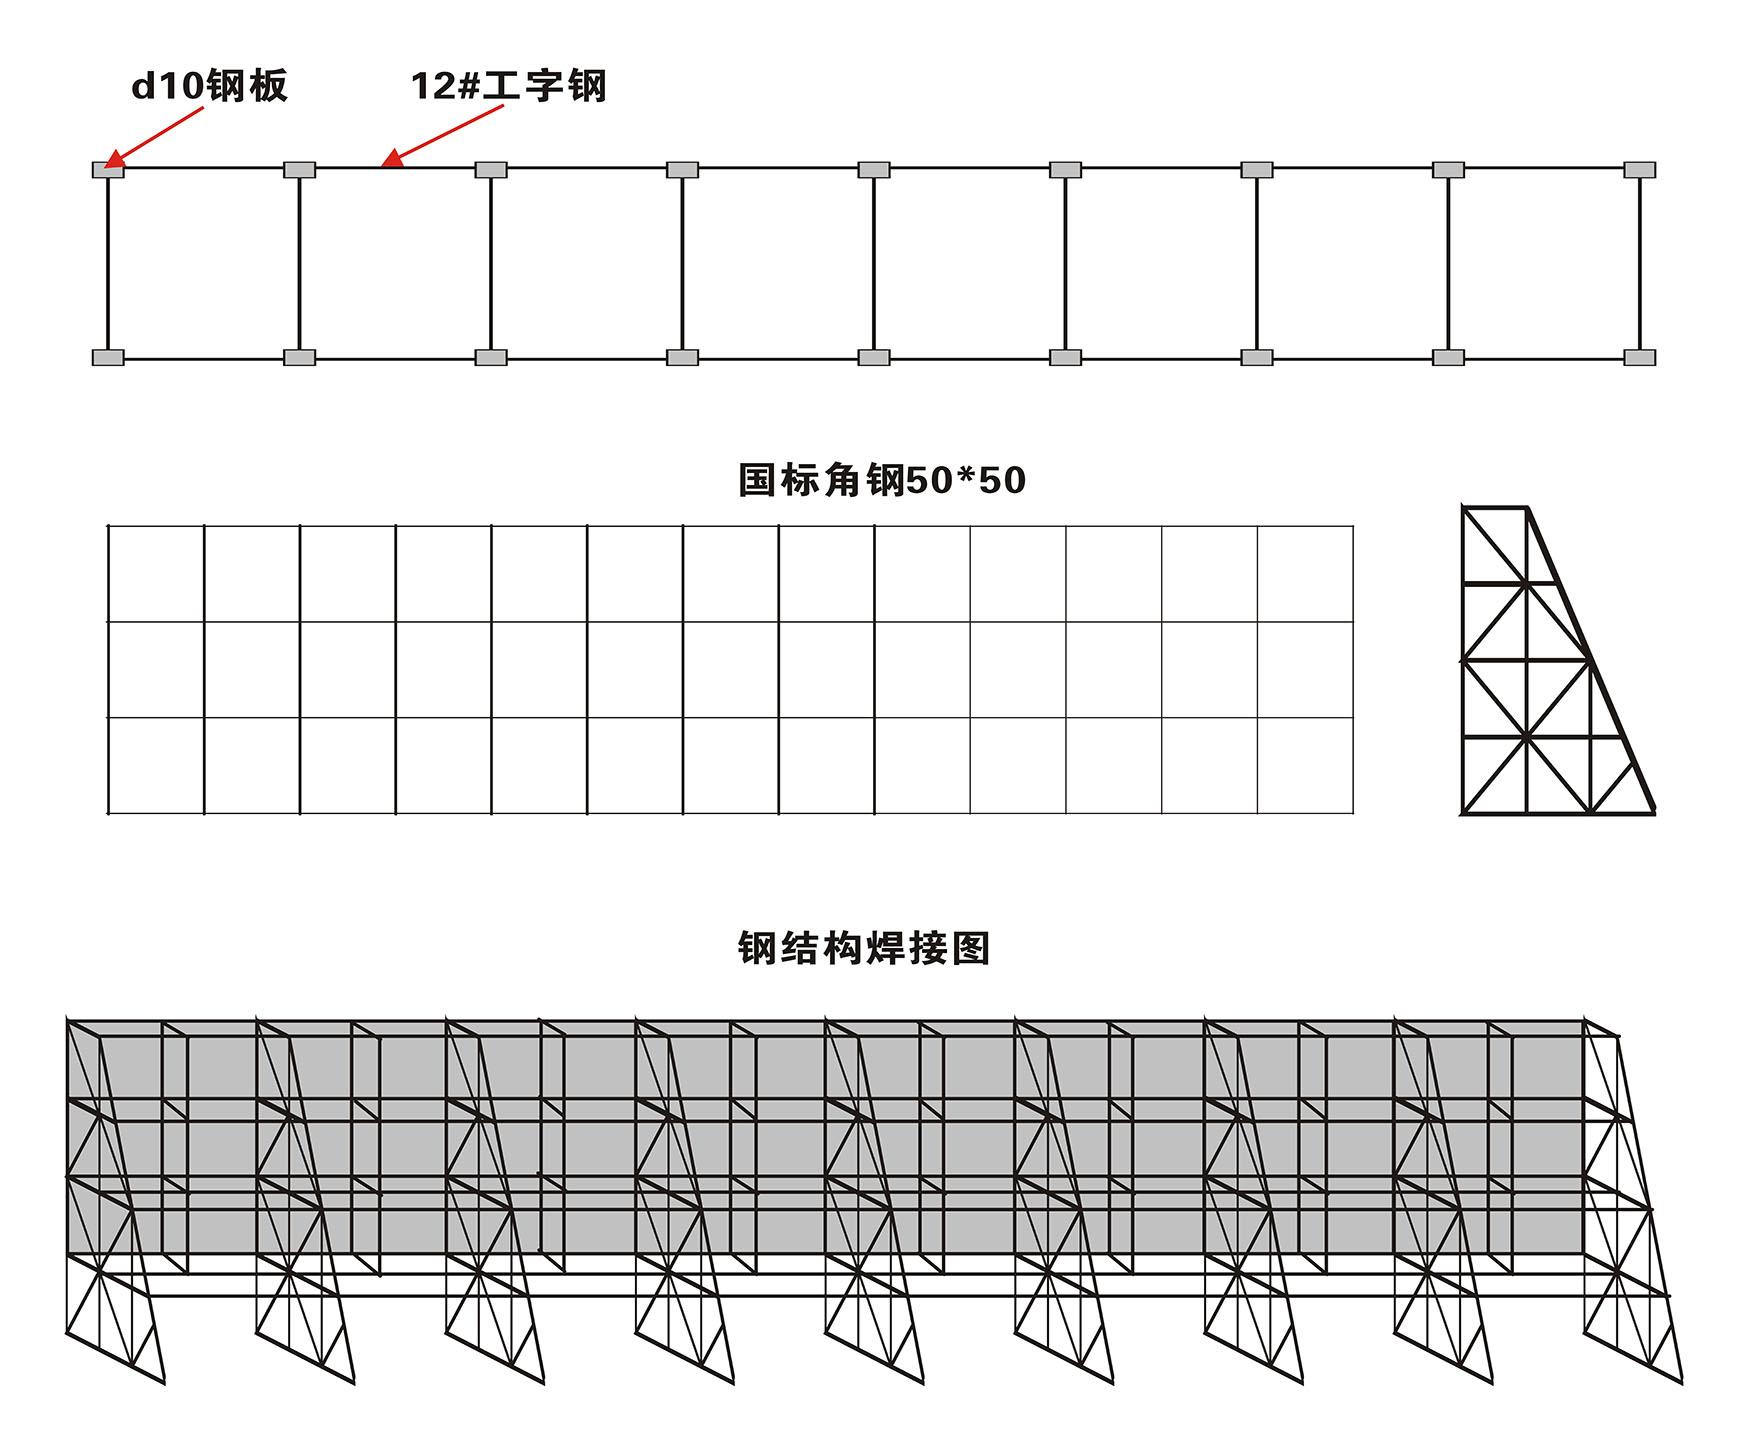 led不锈钢发光字结合钢结构组合成楼体广告标识